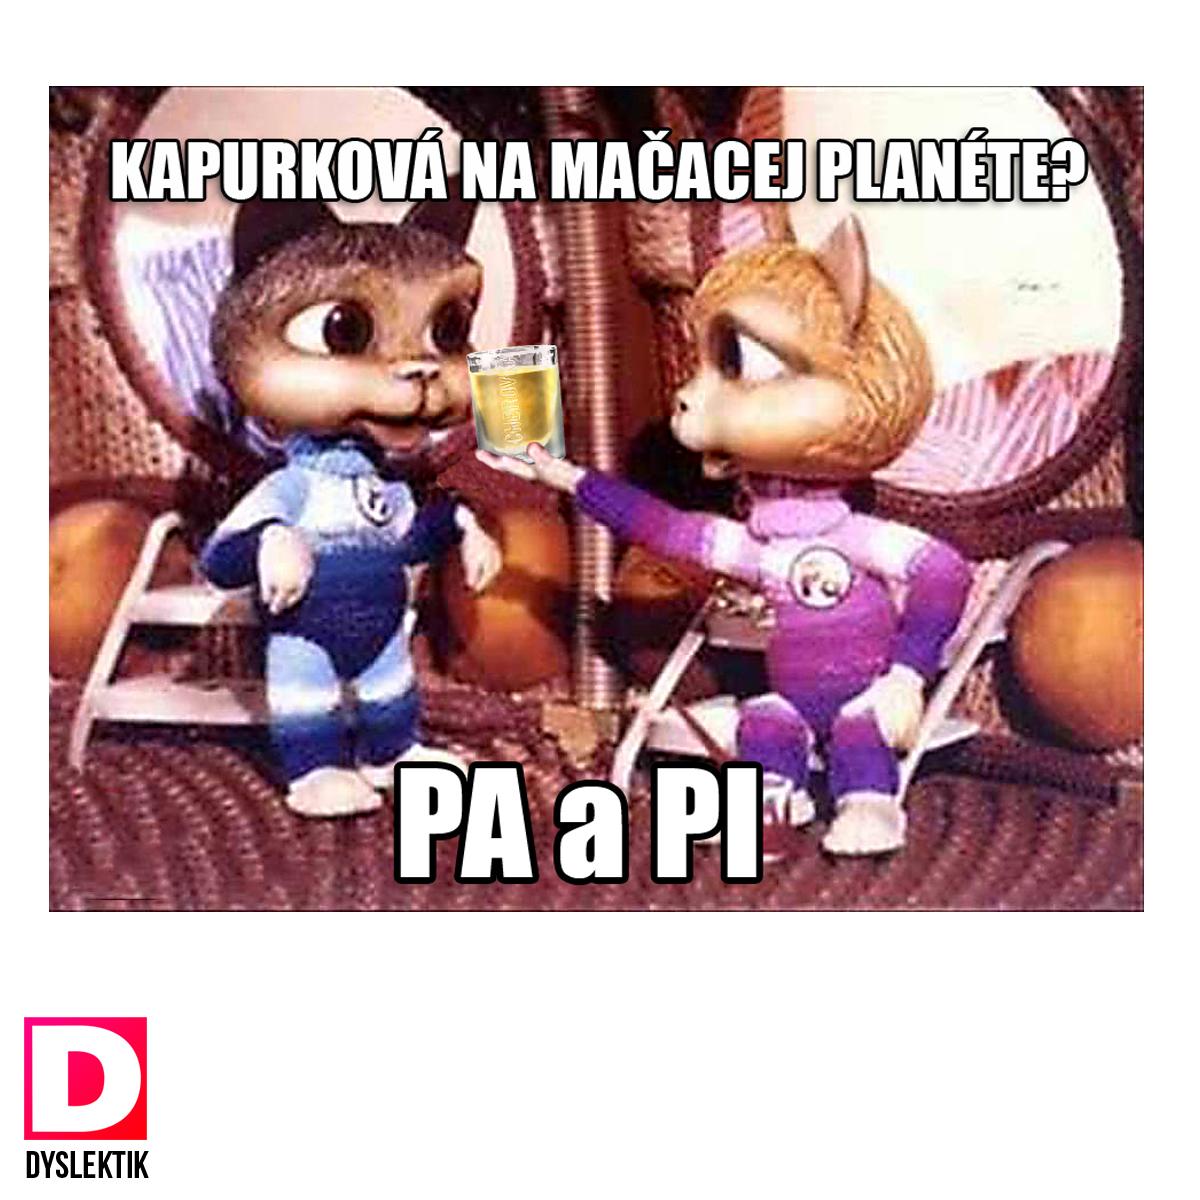 pa a pi